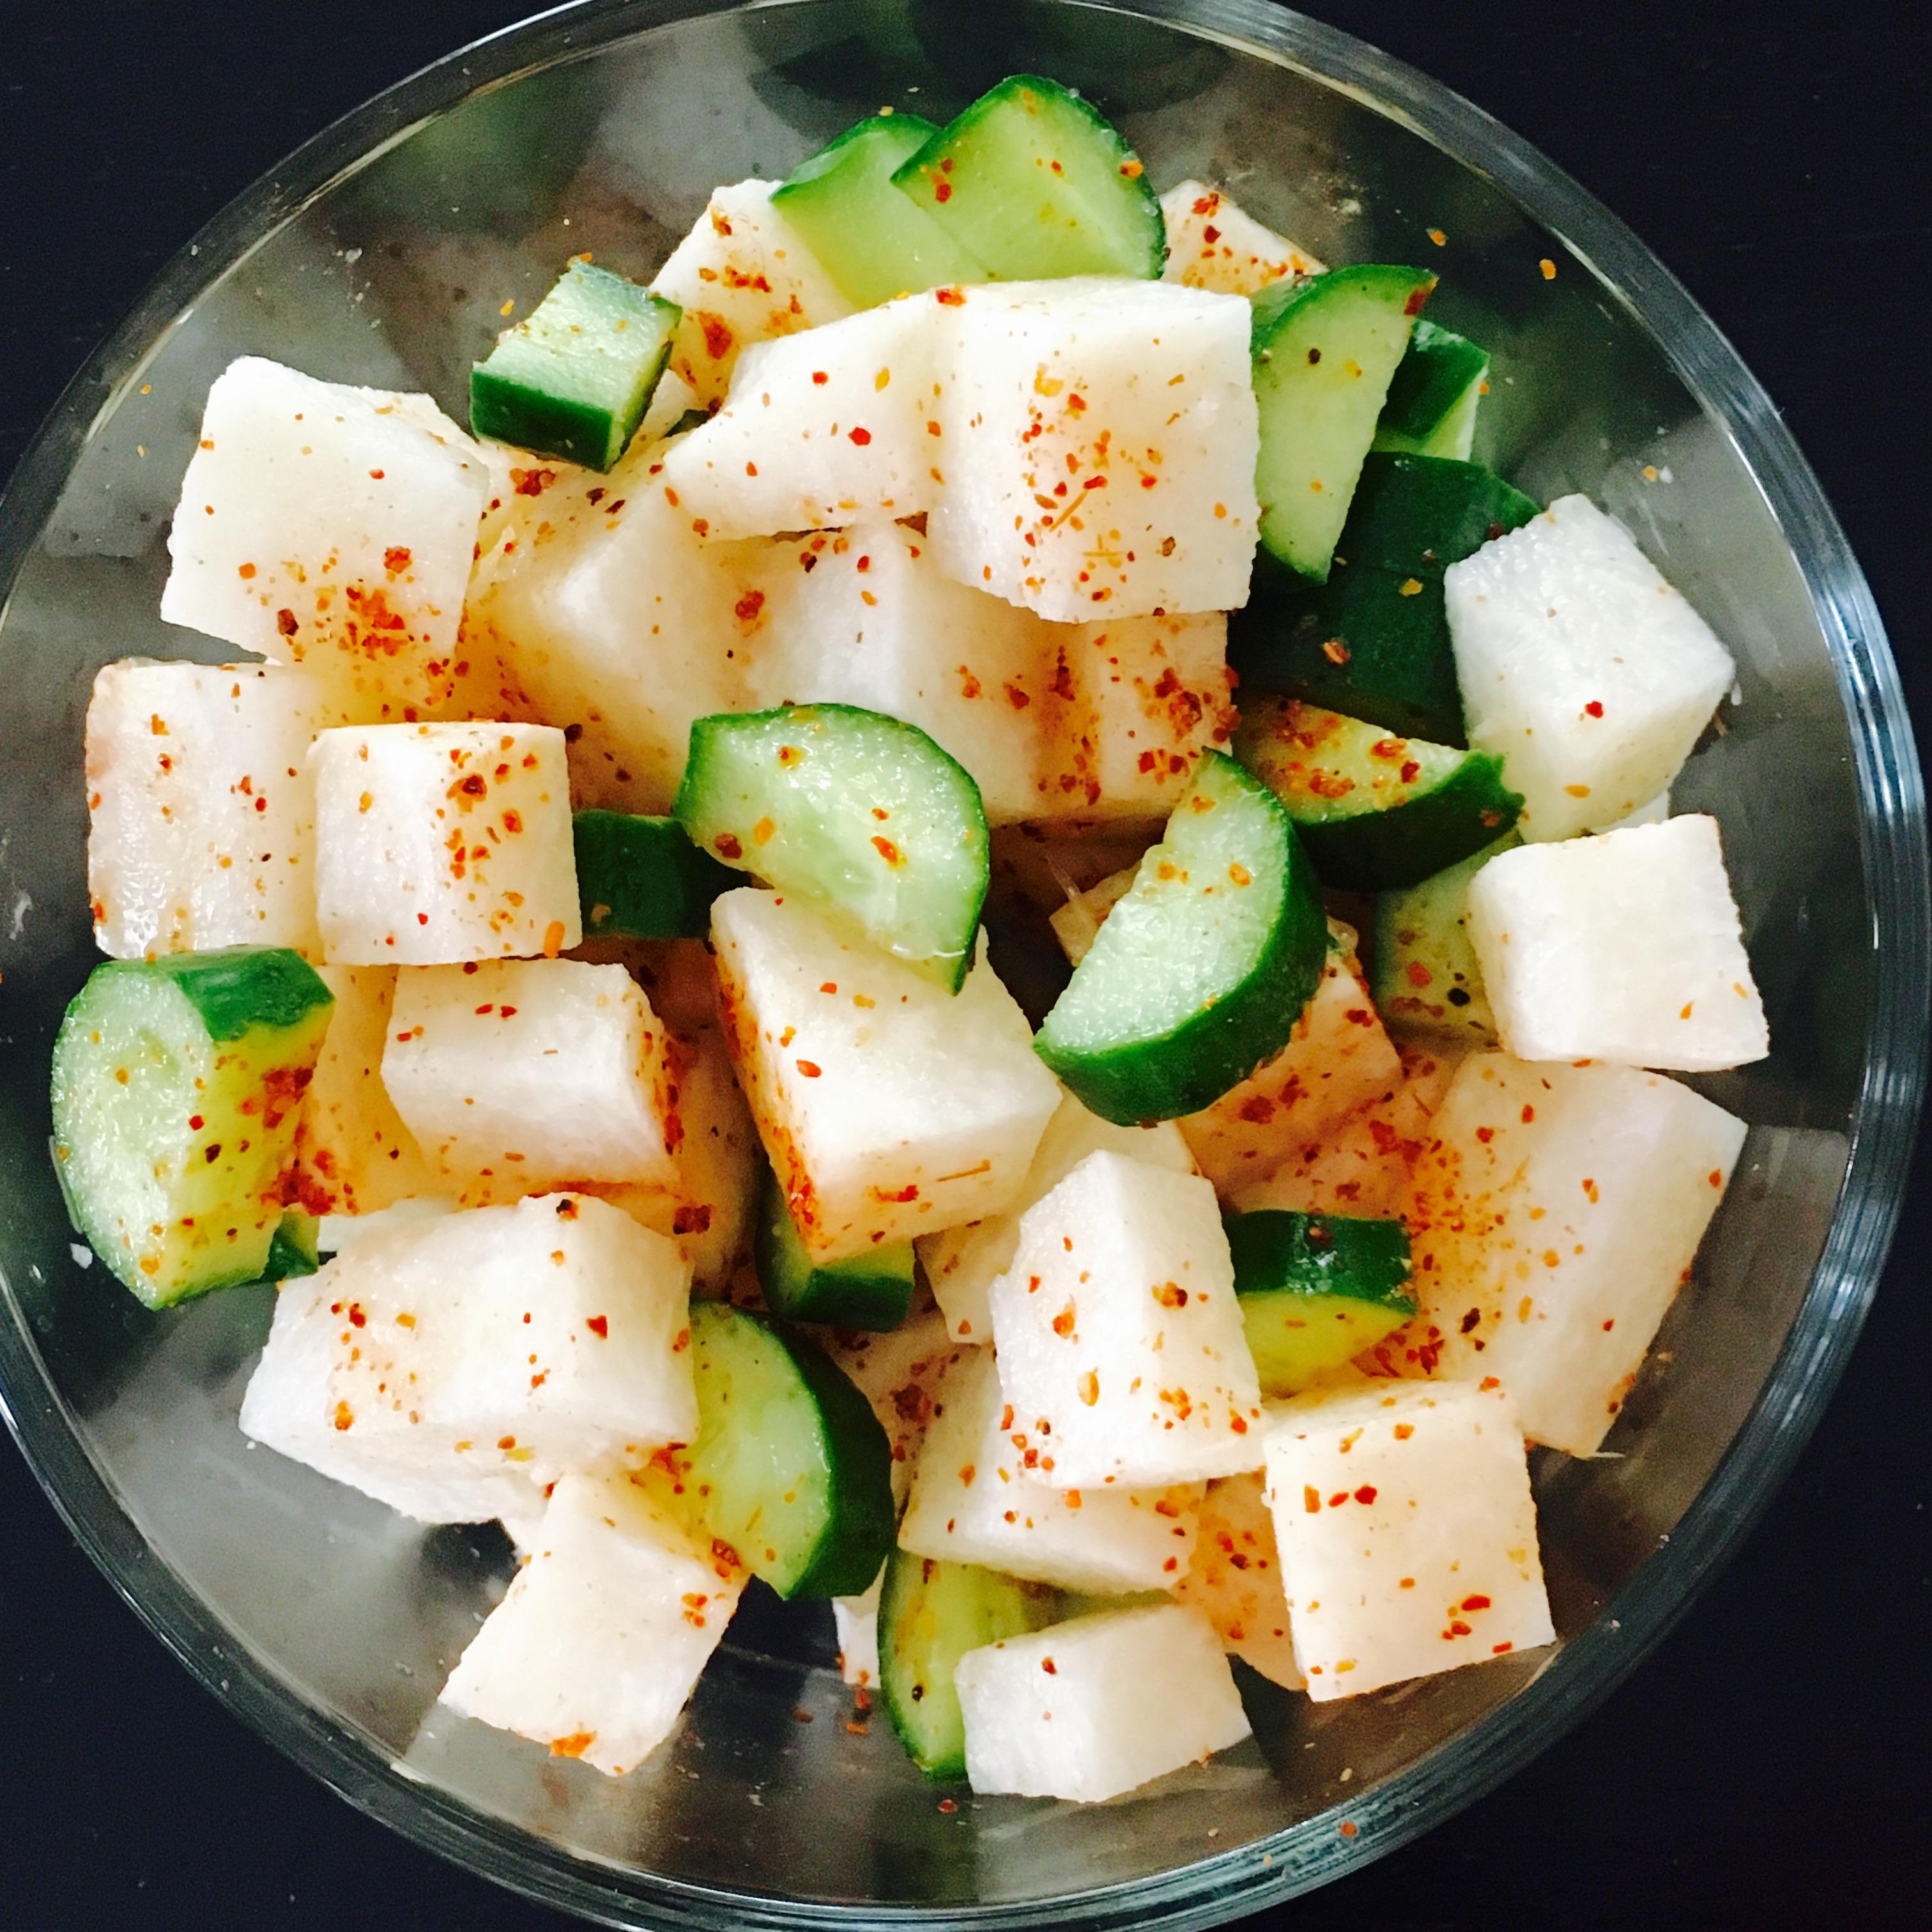 Tajin Jicama Salad